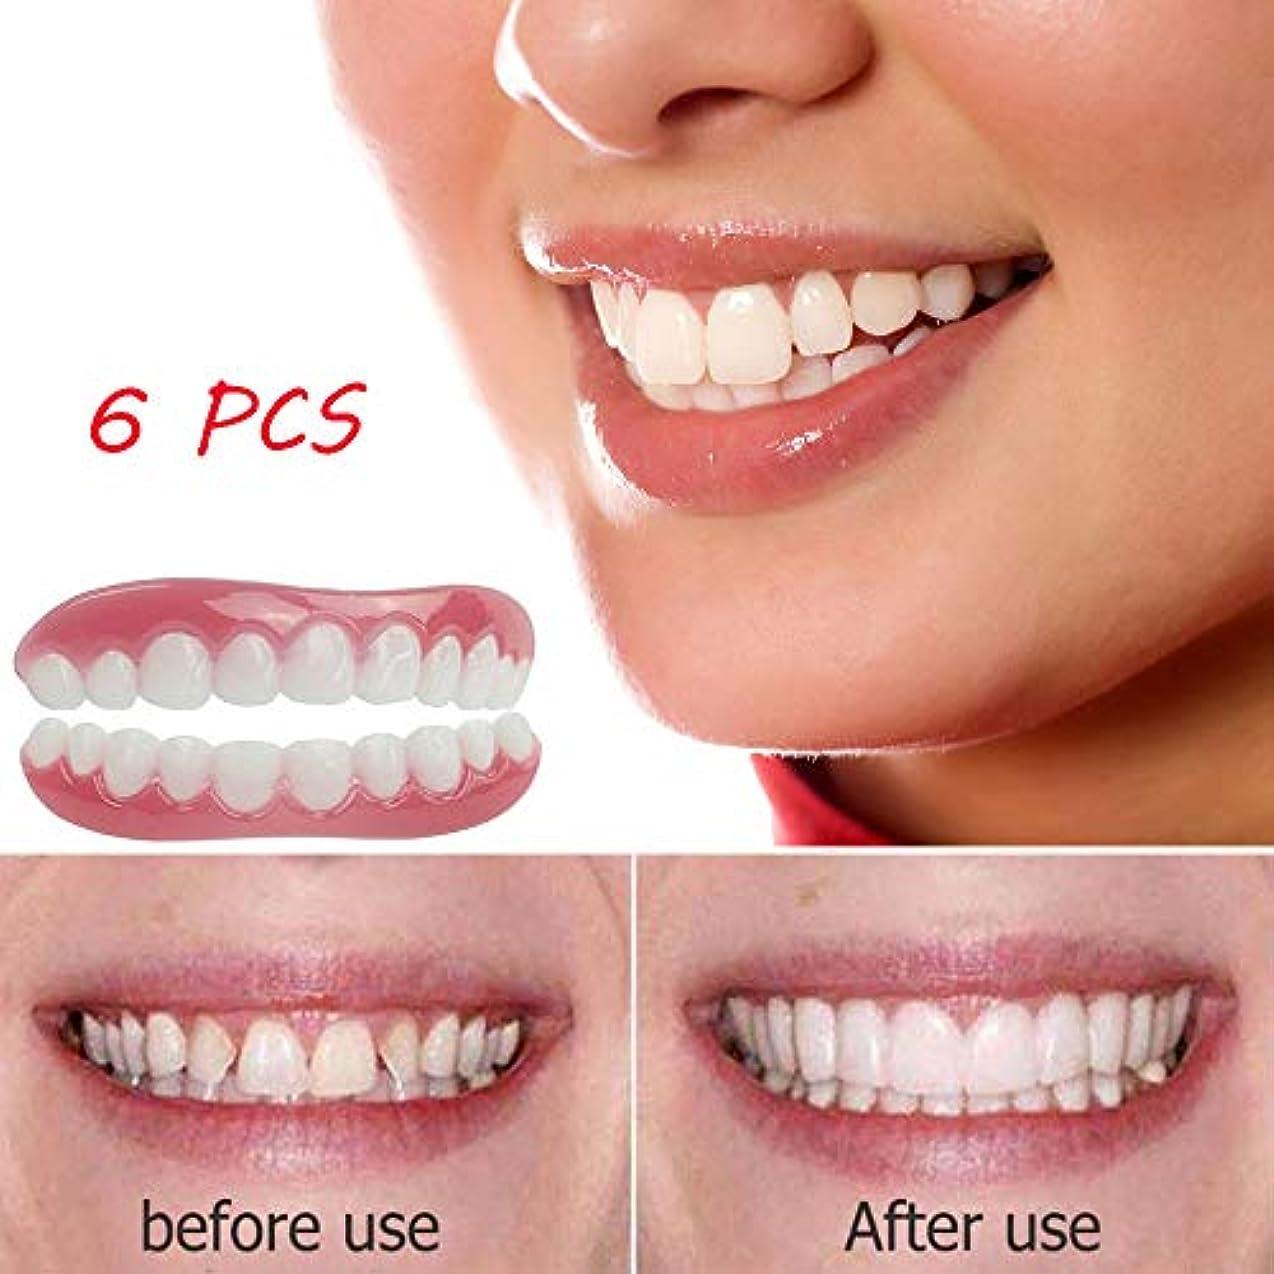 解説ブラケット雪の完璧なインスタントスマイル6ピース快適さ上下の柔軟な歯ホワイトニング歯義歯義歯メイクアップデンタルカバー美容ツール